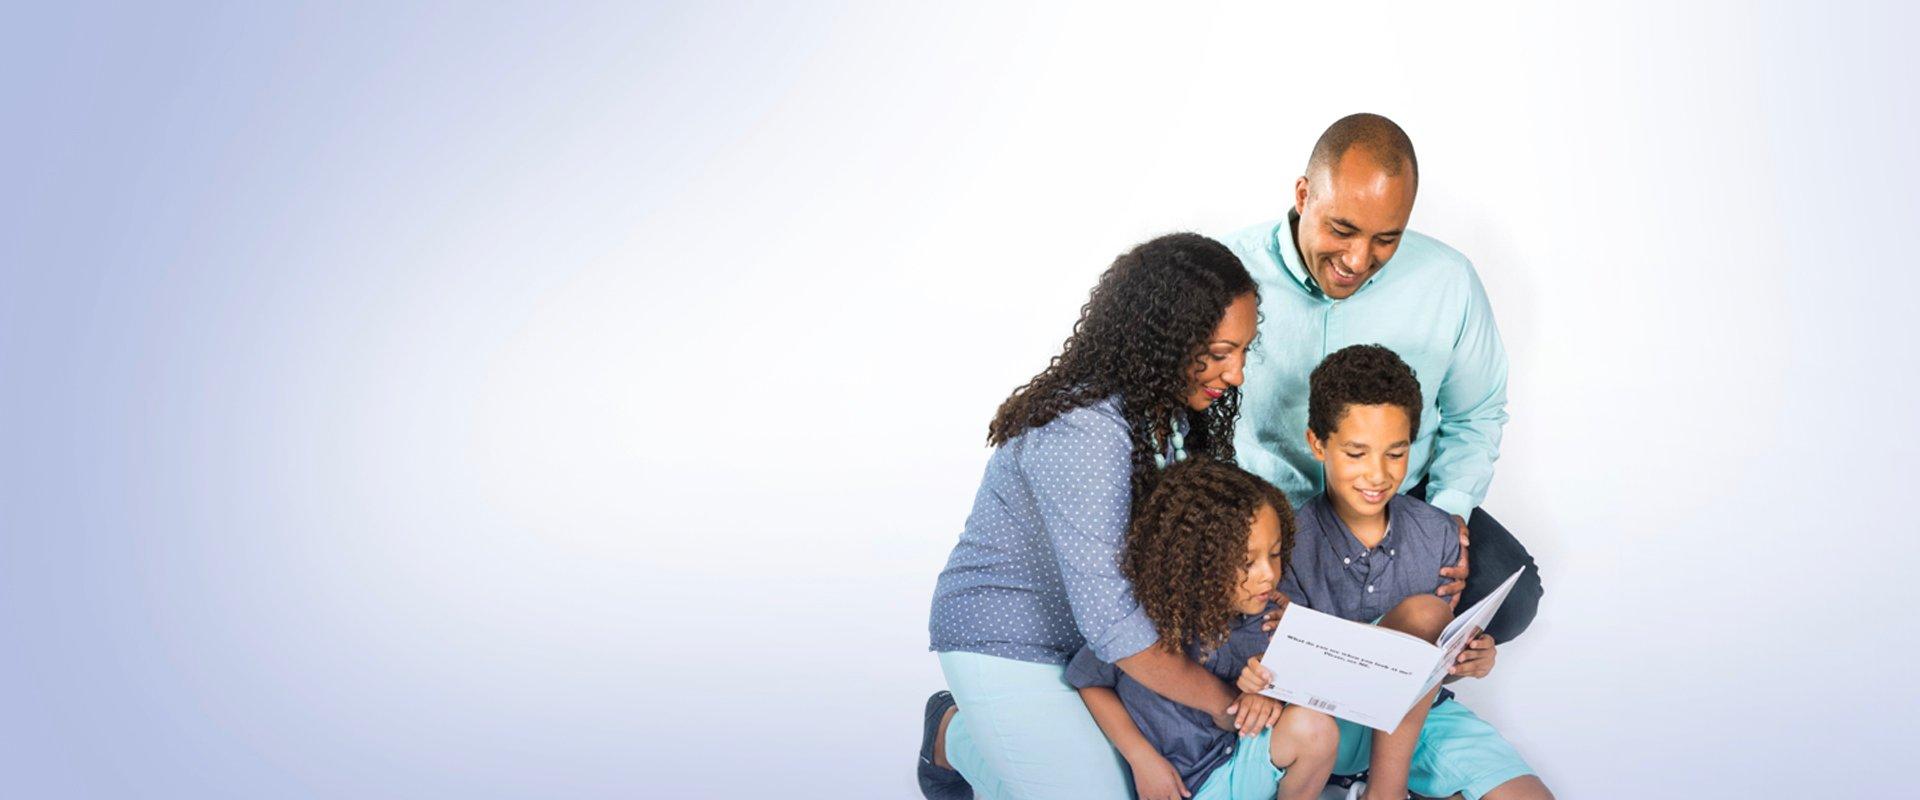 STTB Header - Family Reading